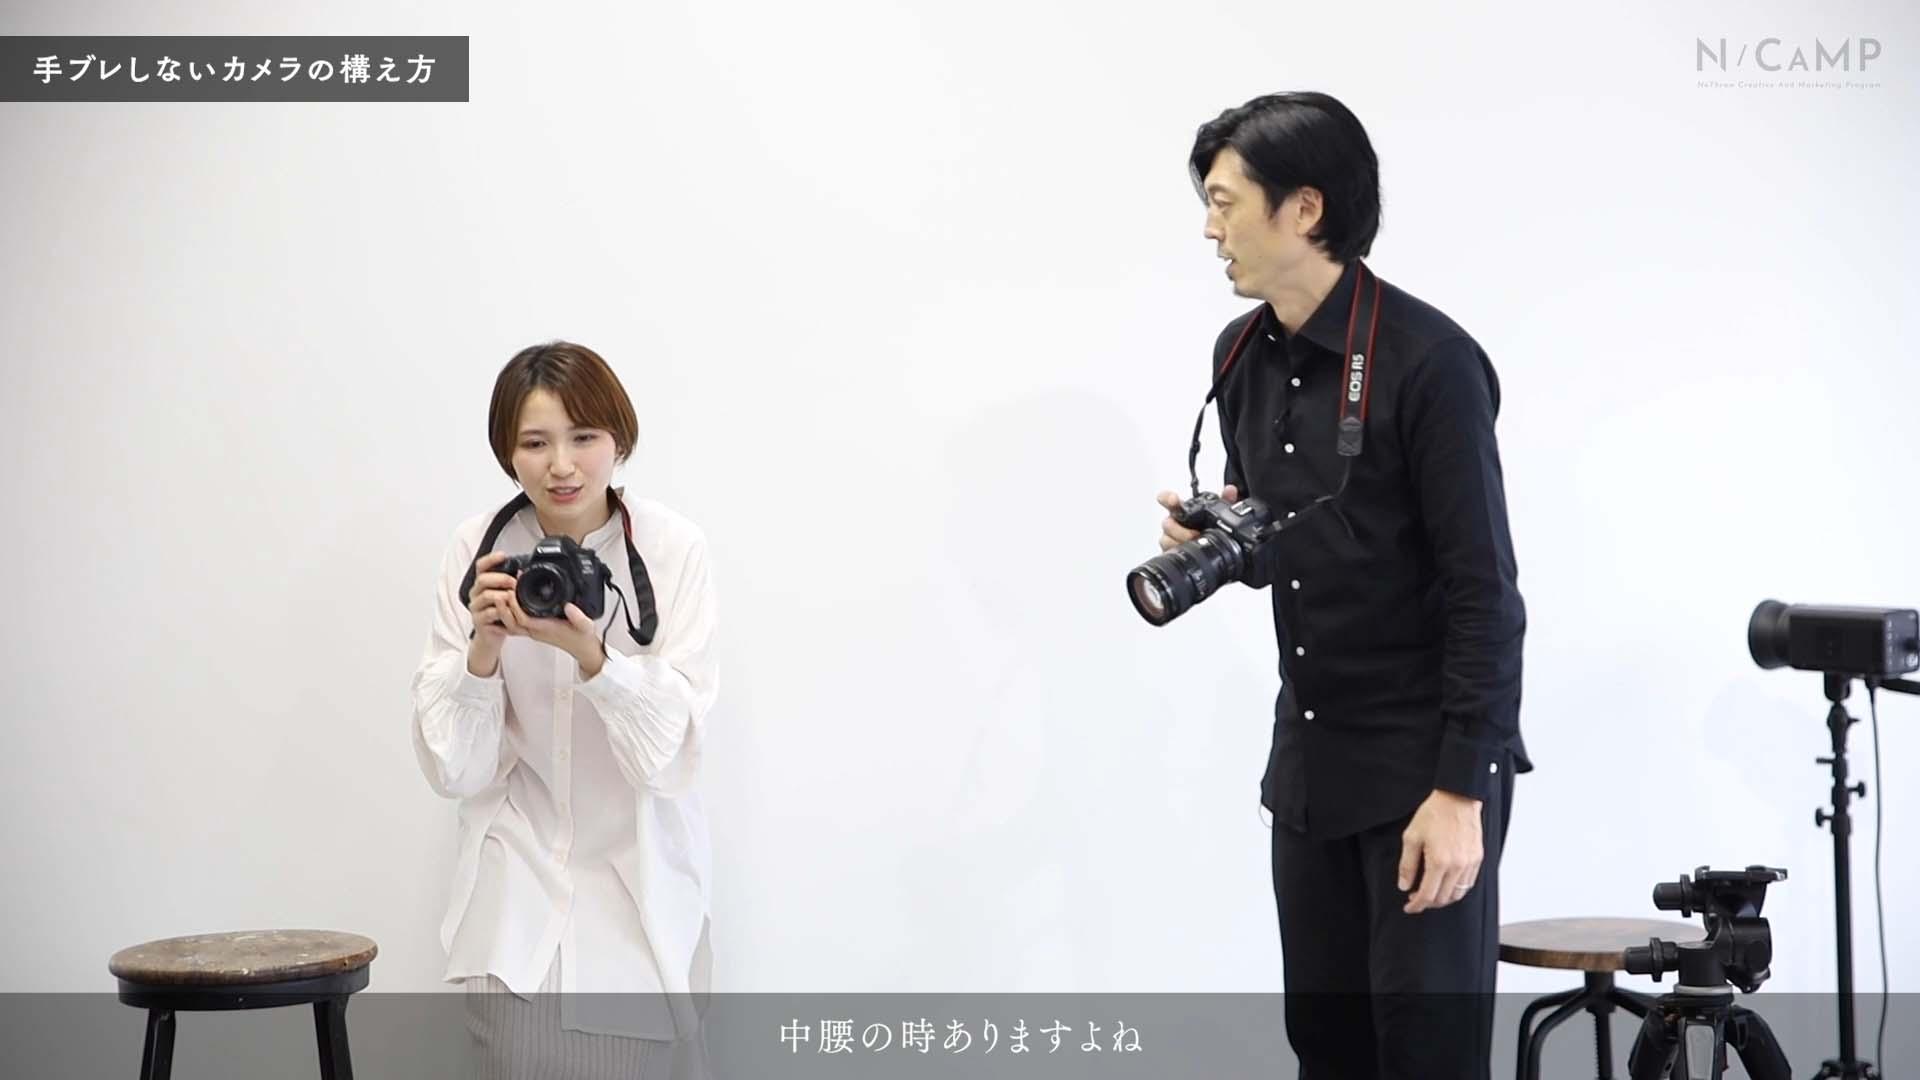 【C-018】手ブレしないカメラの構え方